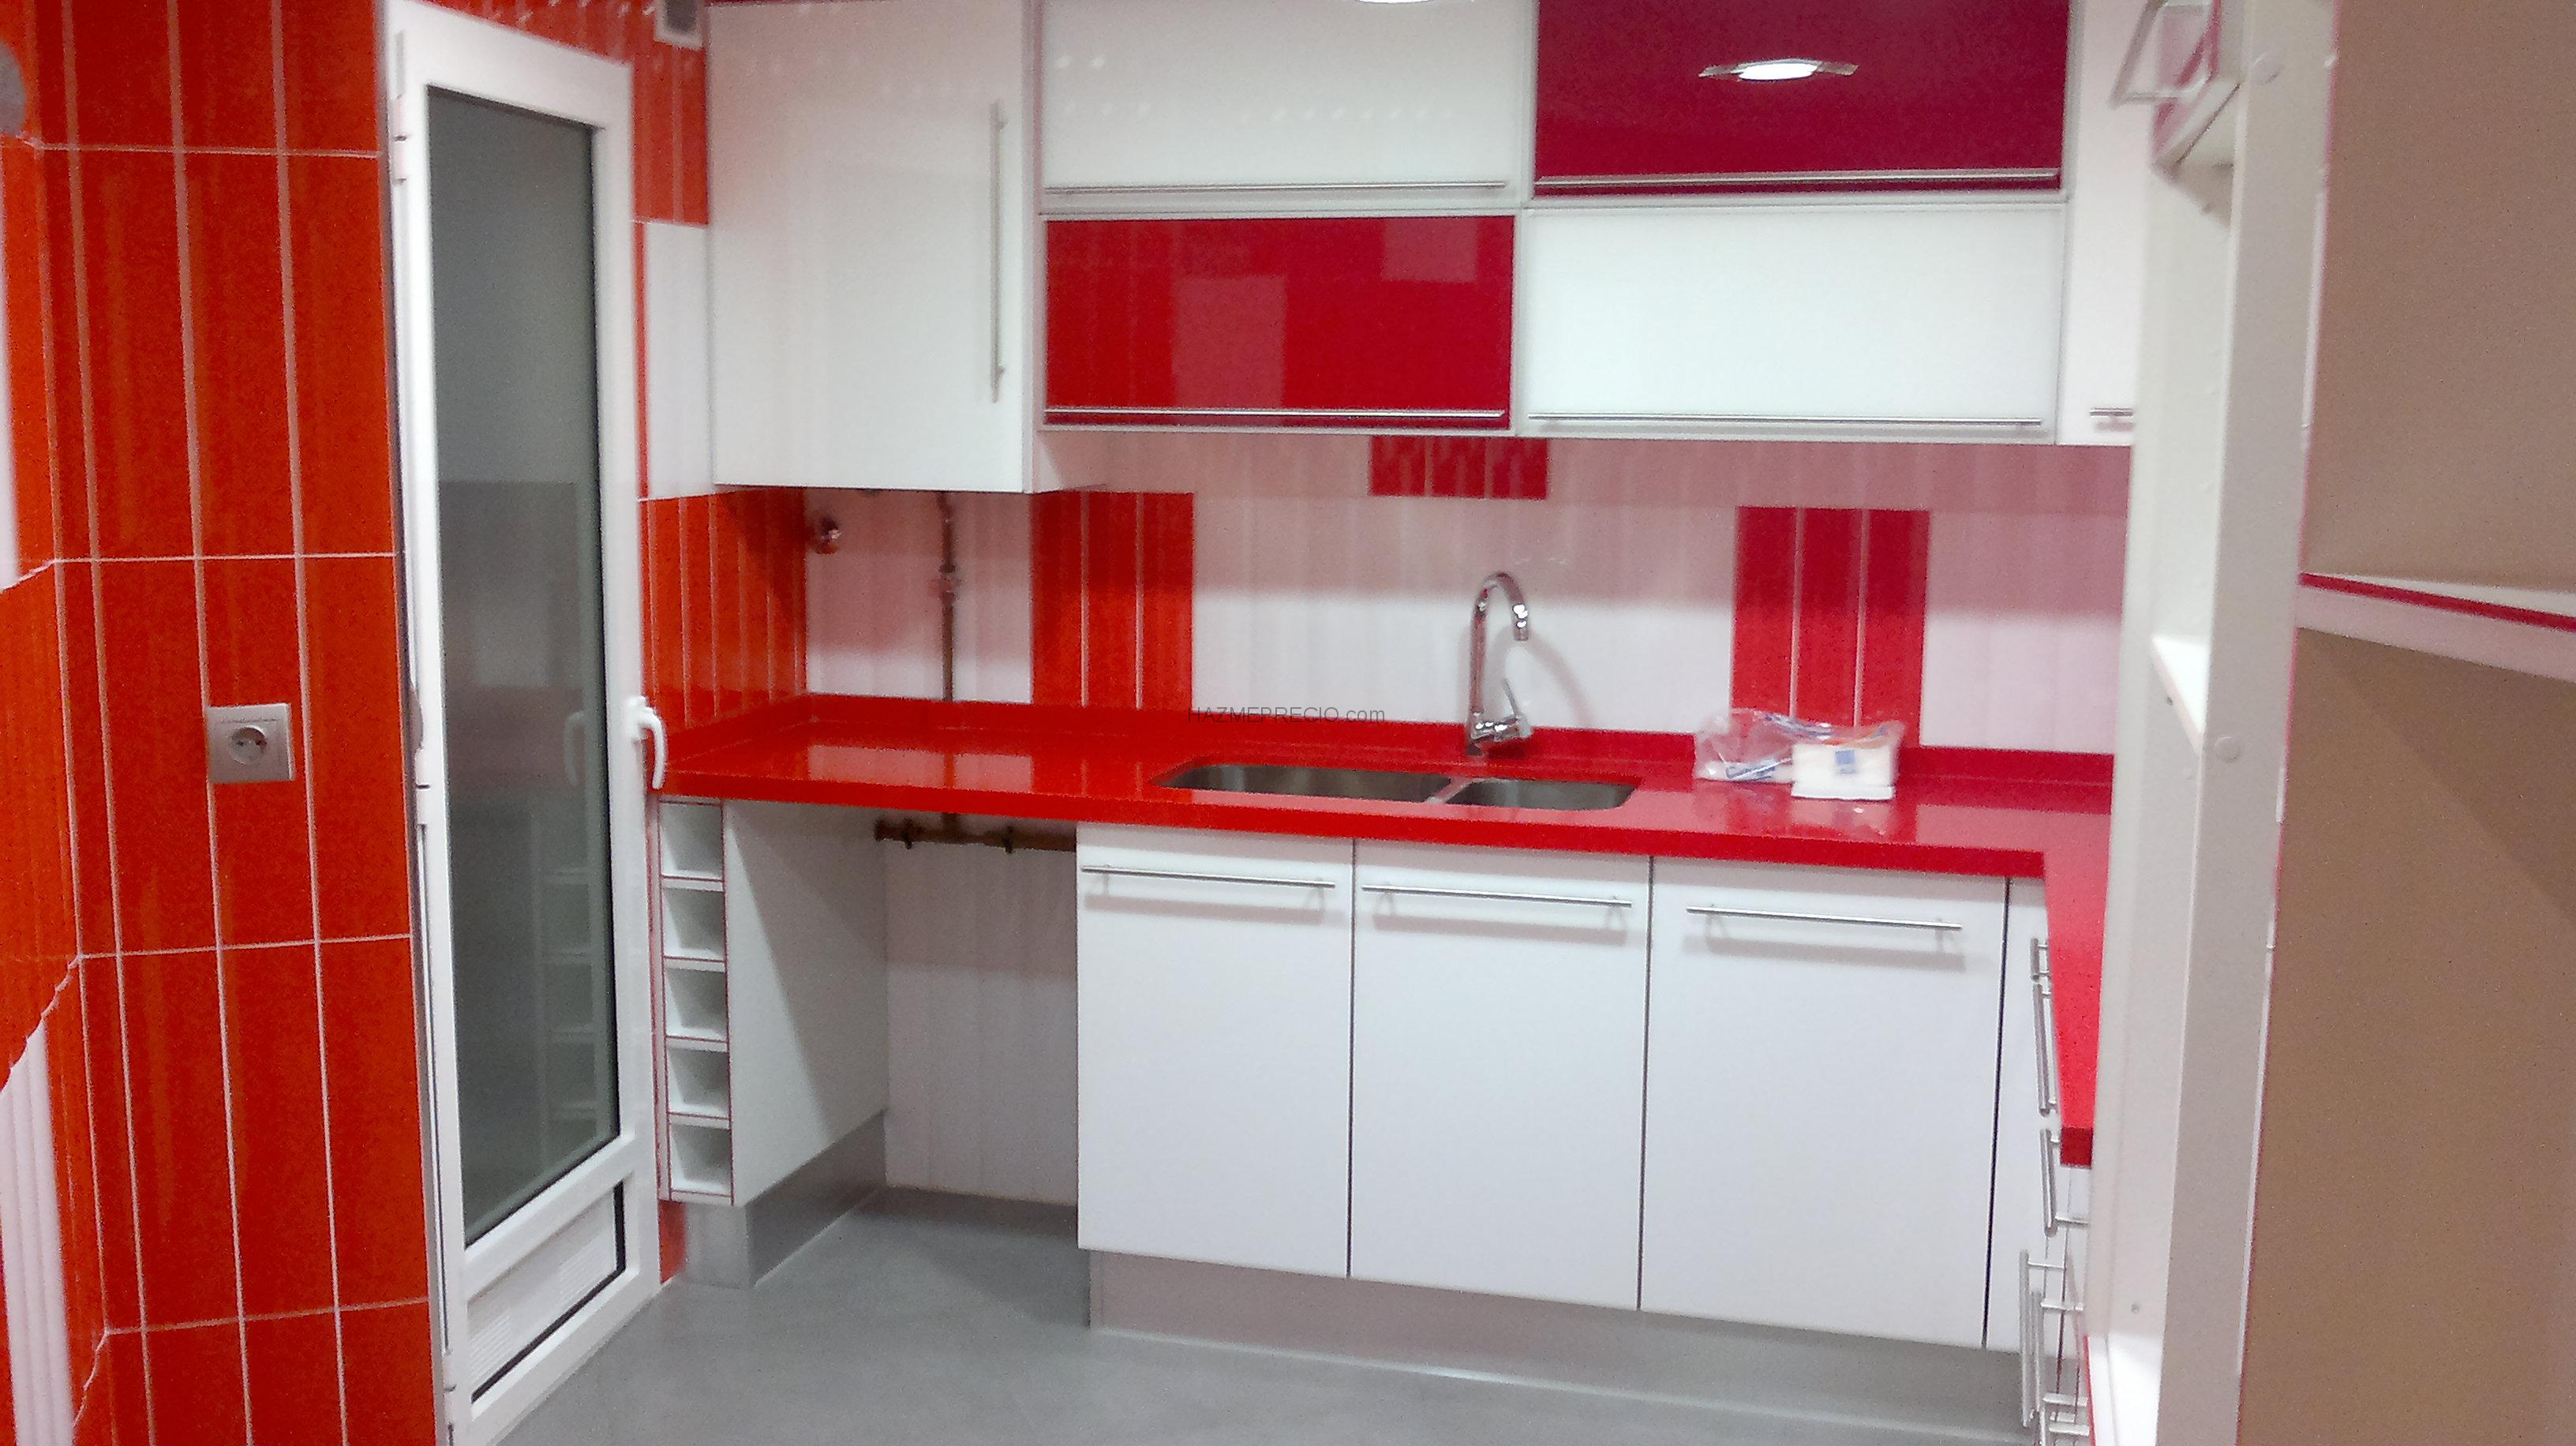 Cambiar puertas de cocina good vista general de la cocina - Cambiar puertas de cocina ...